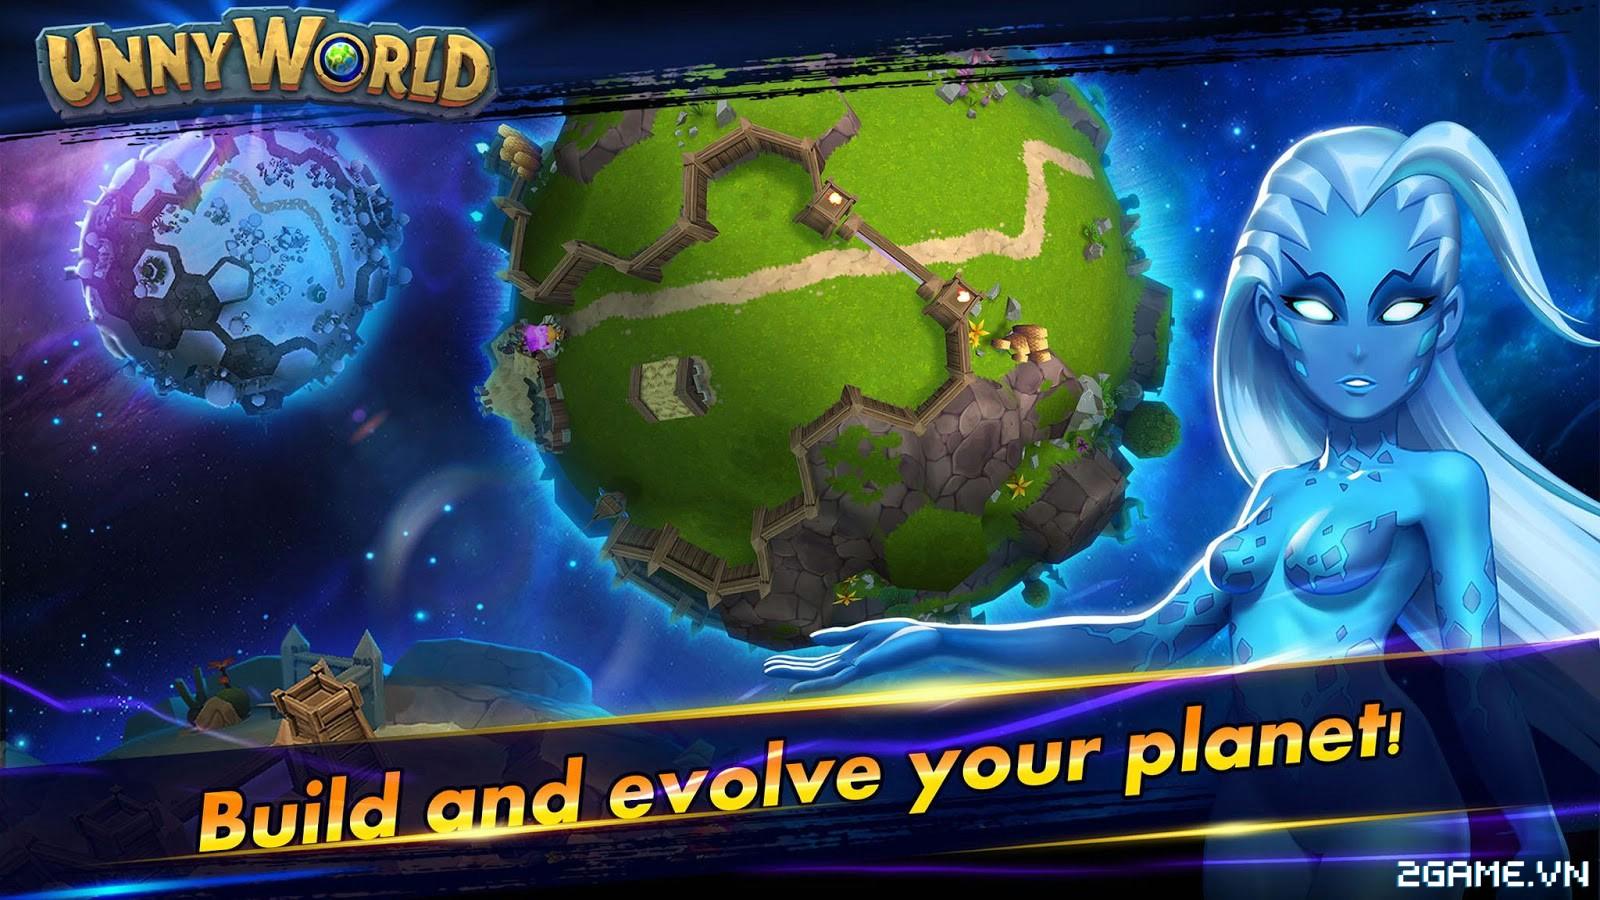 UnnyWorld – Game MOBA với phong cách bản đồ và lối chơi siêu dị 4